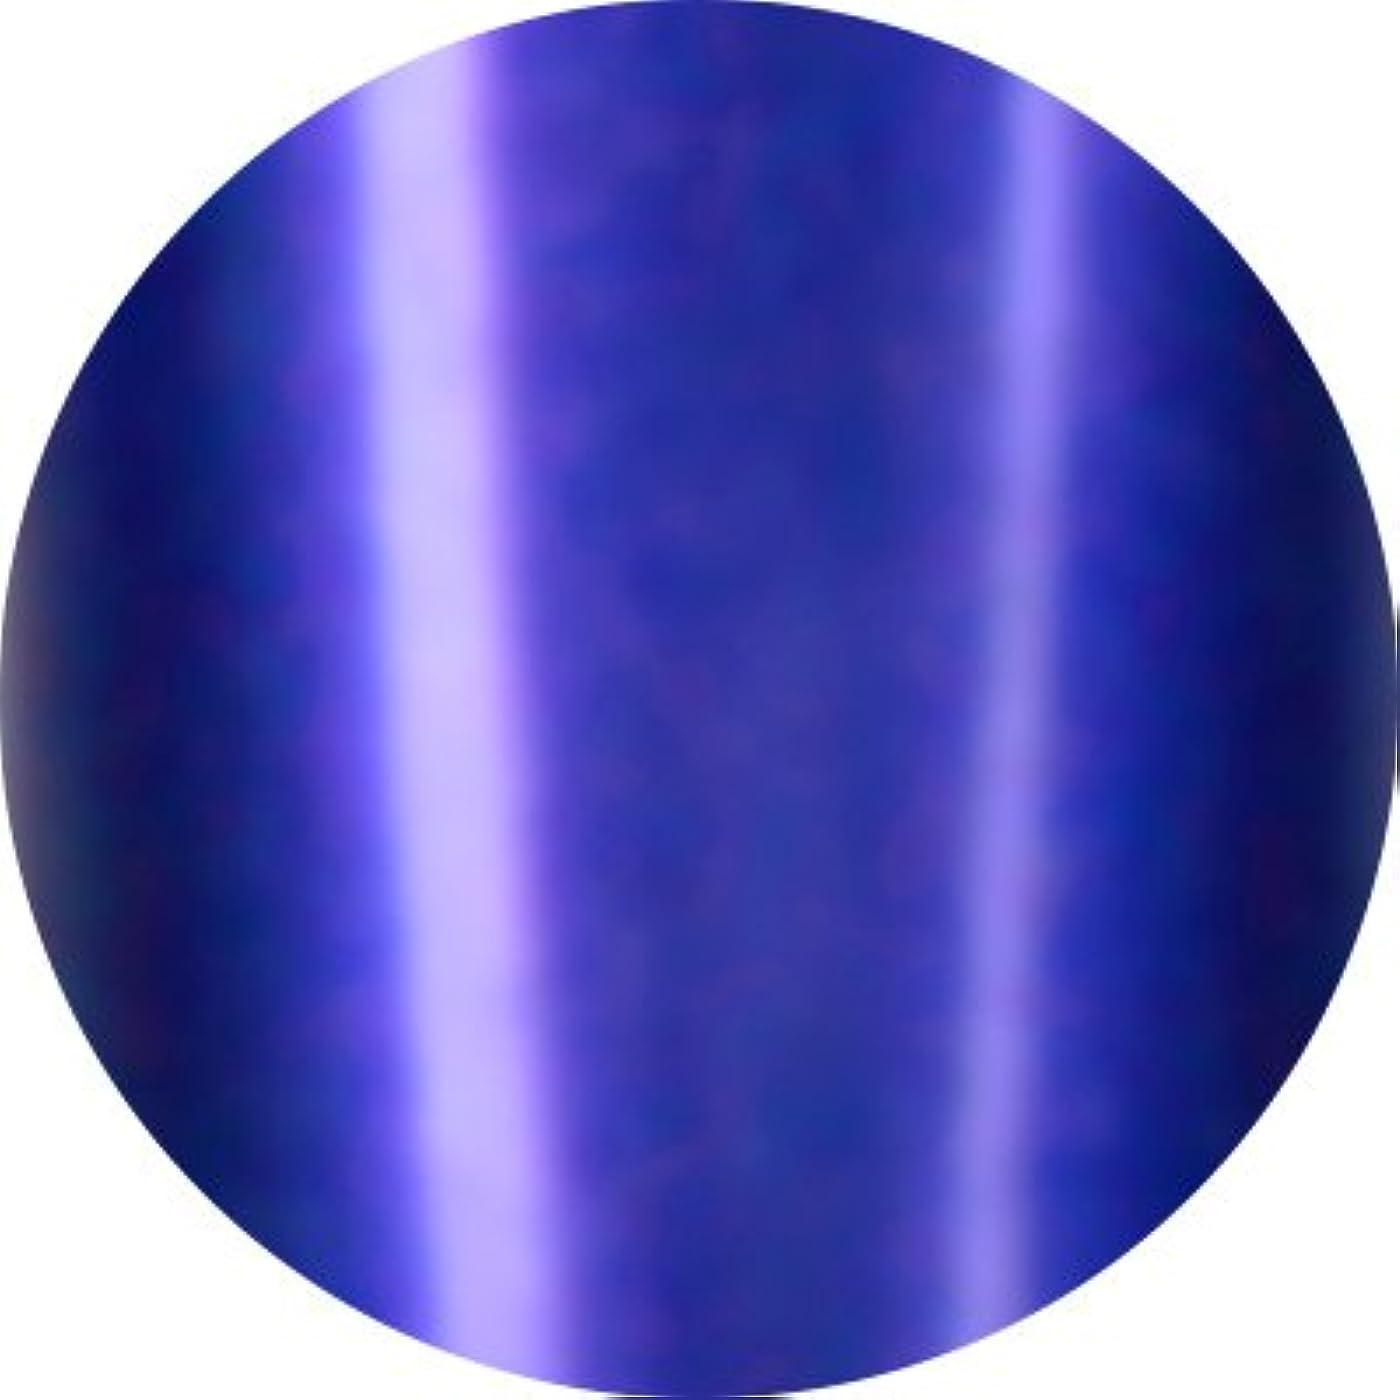 ムス剃る文化Jewelry jel(ジュエリージェル) カラージェル 5ml<BR>メタリック MT035